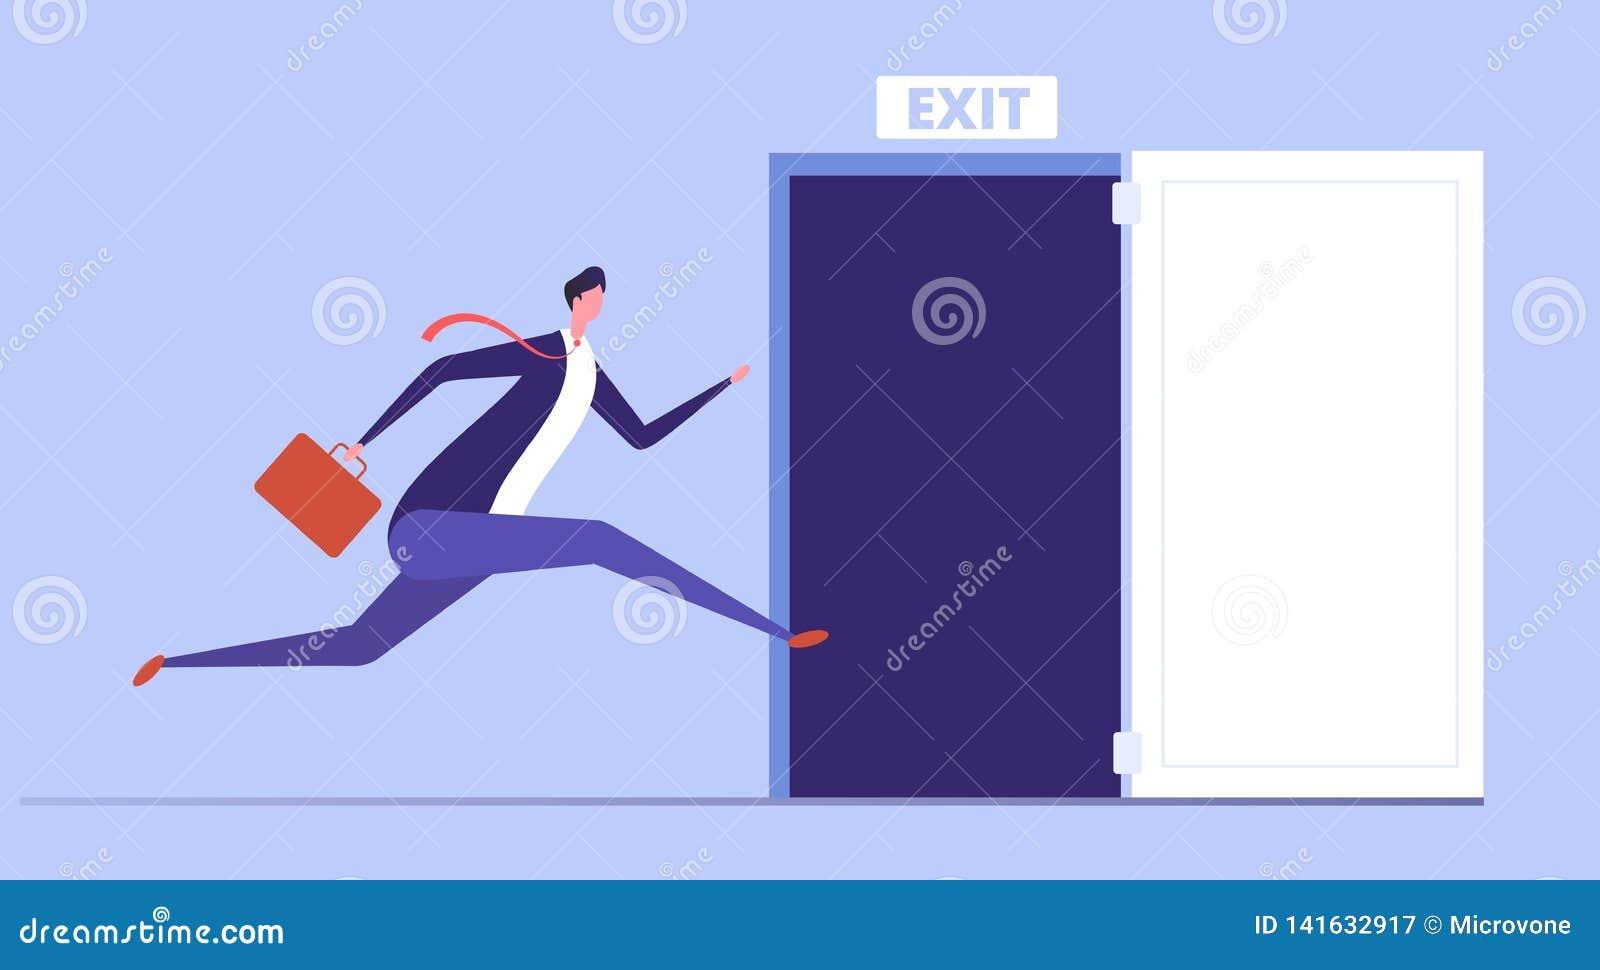 Corrida do homem de negócios para abrir a porta de saída Escape e evacuação da emergência do conceito do negócio do vetor do escr